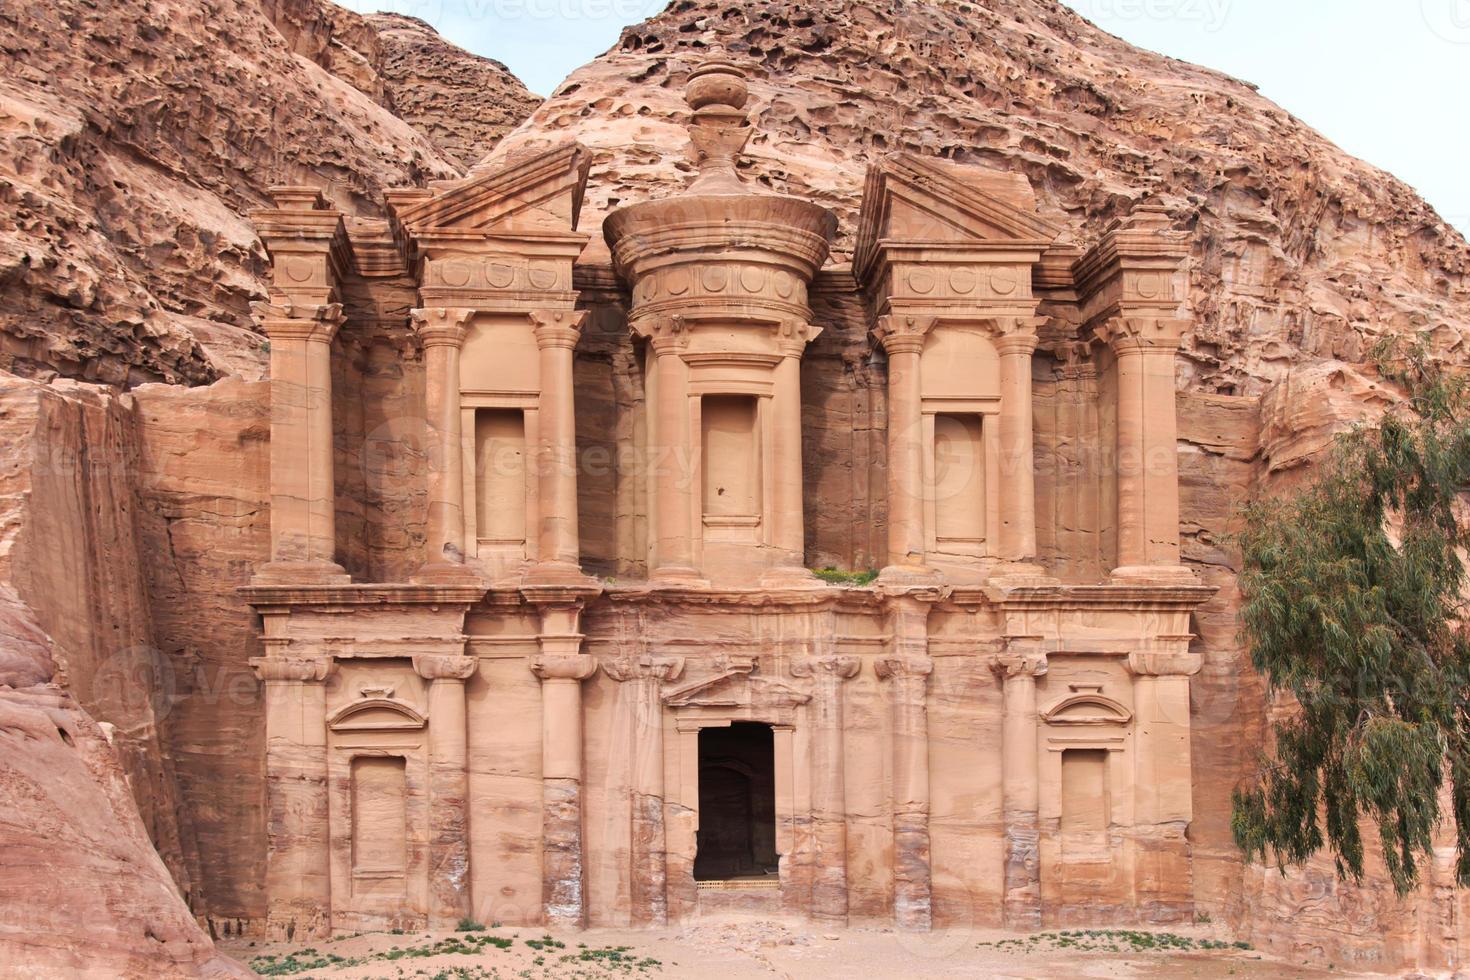 templo antigo em petra, Jordânia foto